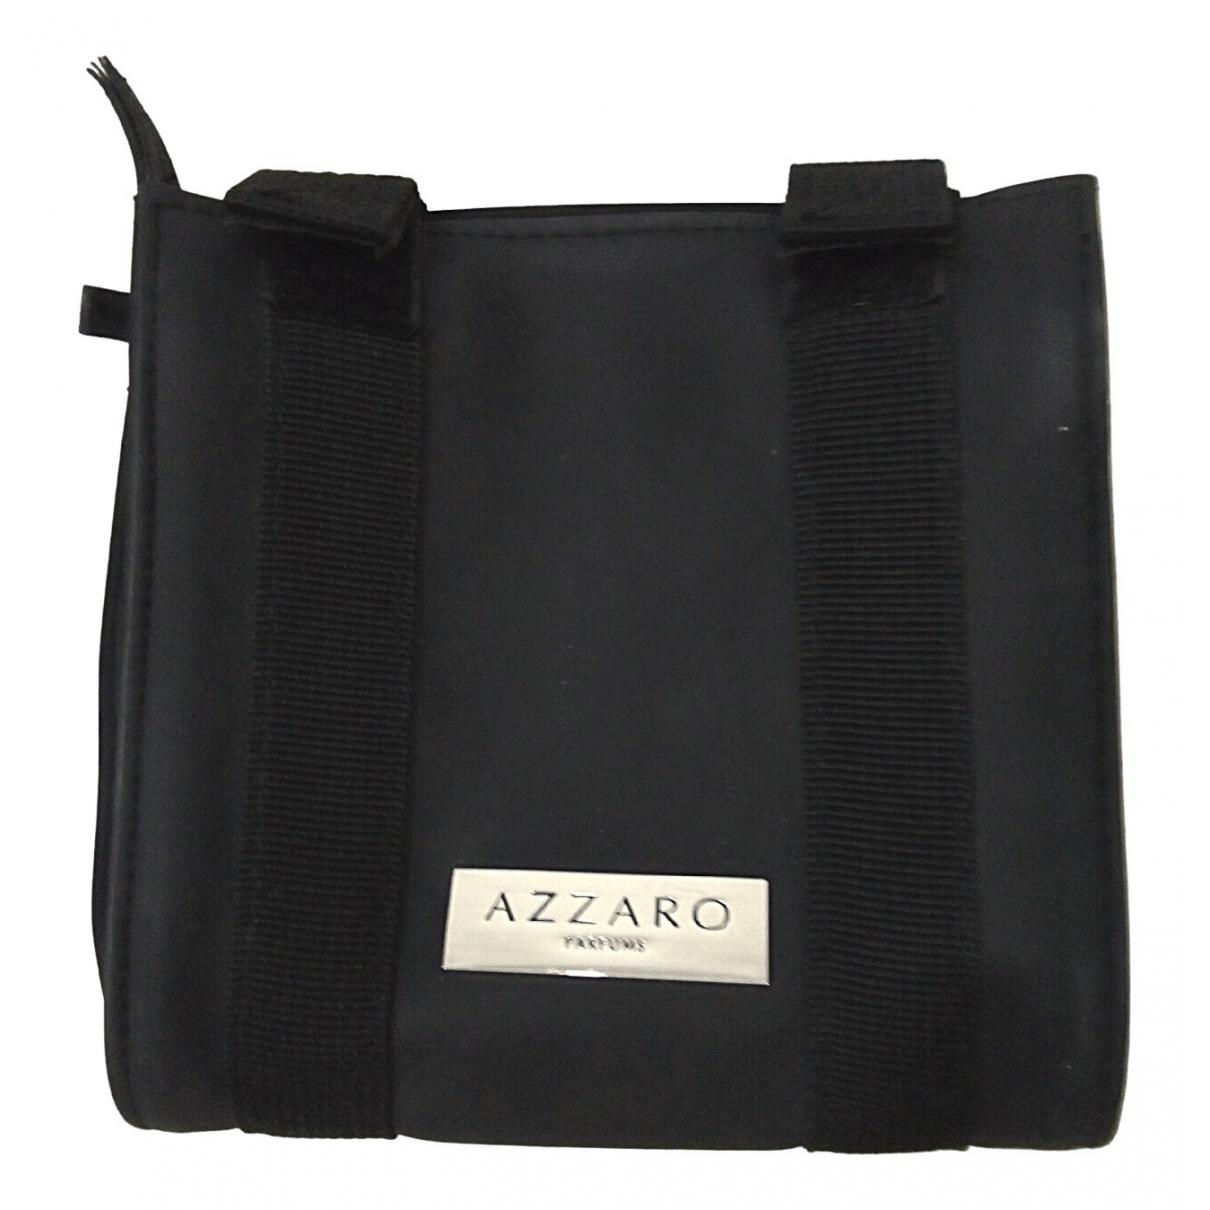 Azzaro - Sac de voyage   pour femme - noir